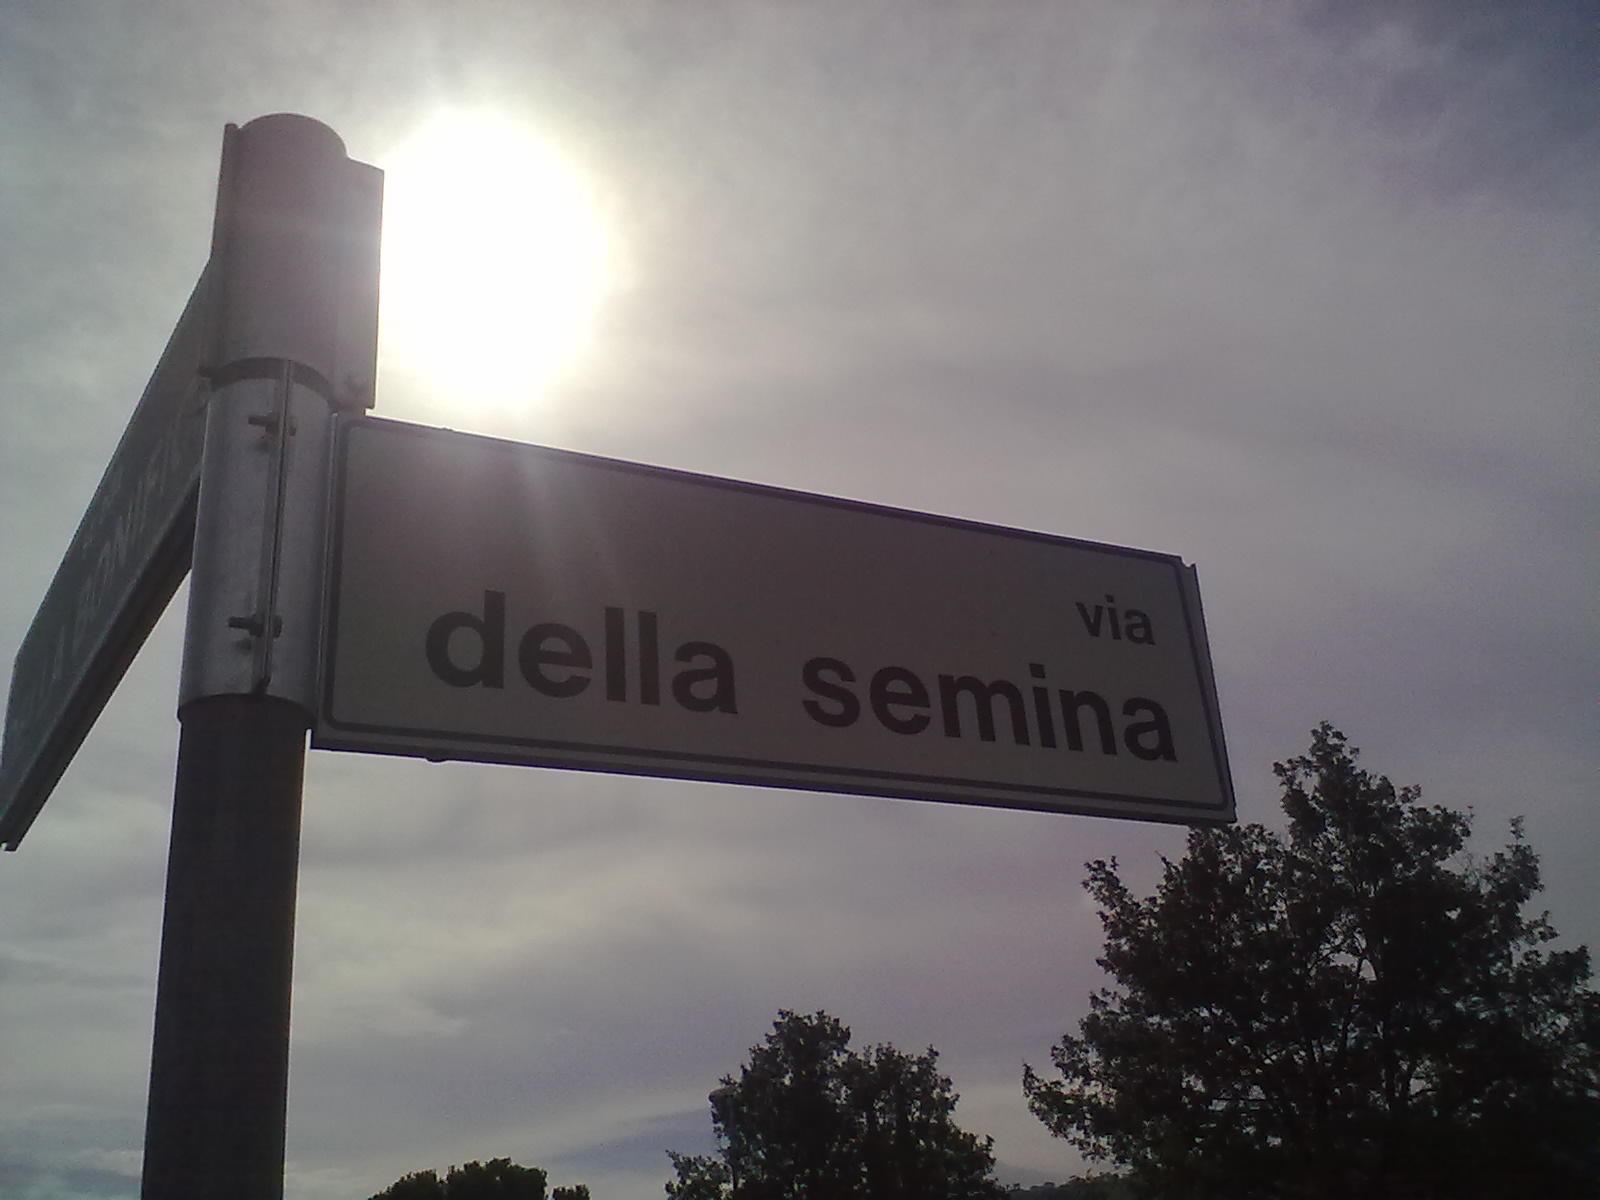 Via della Semina